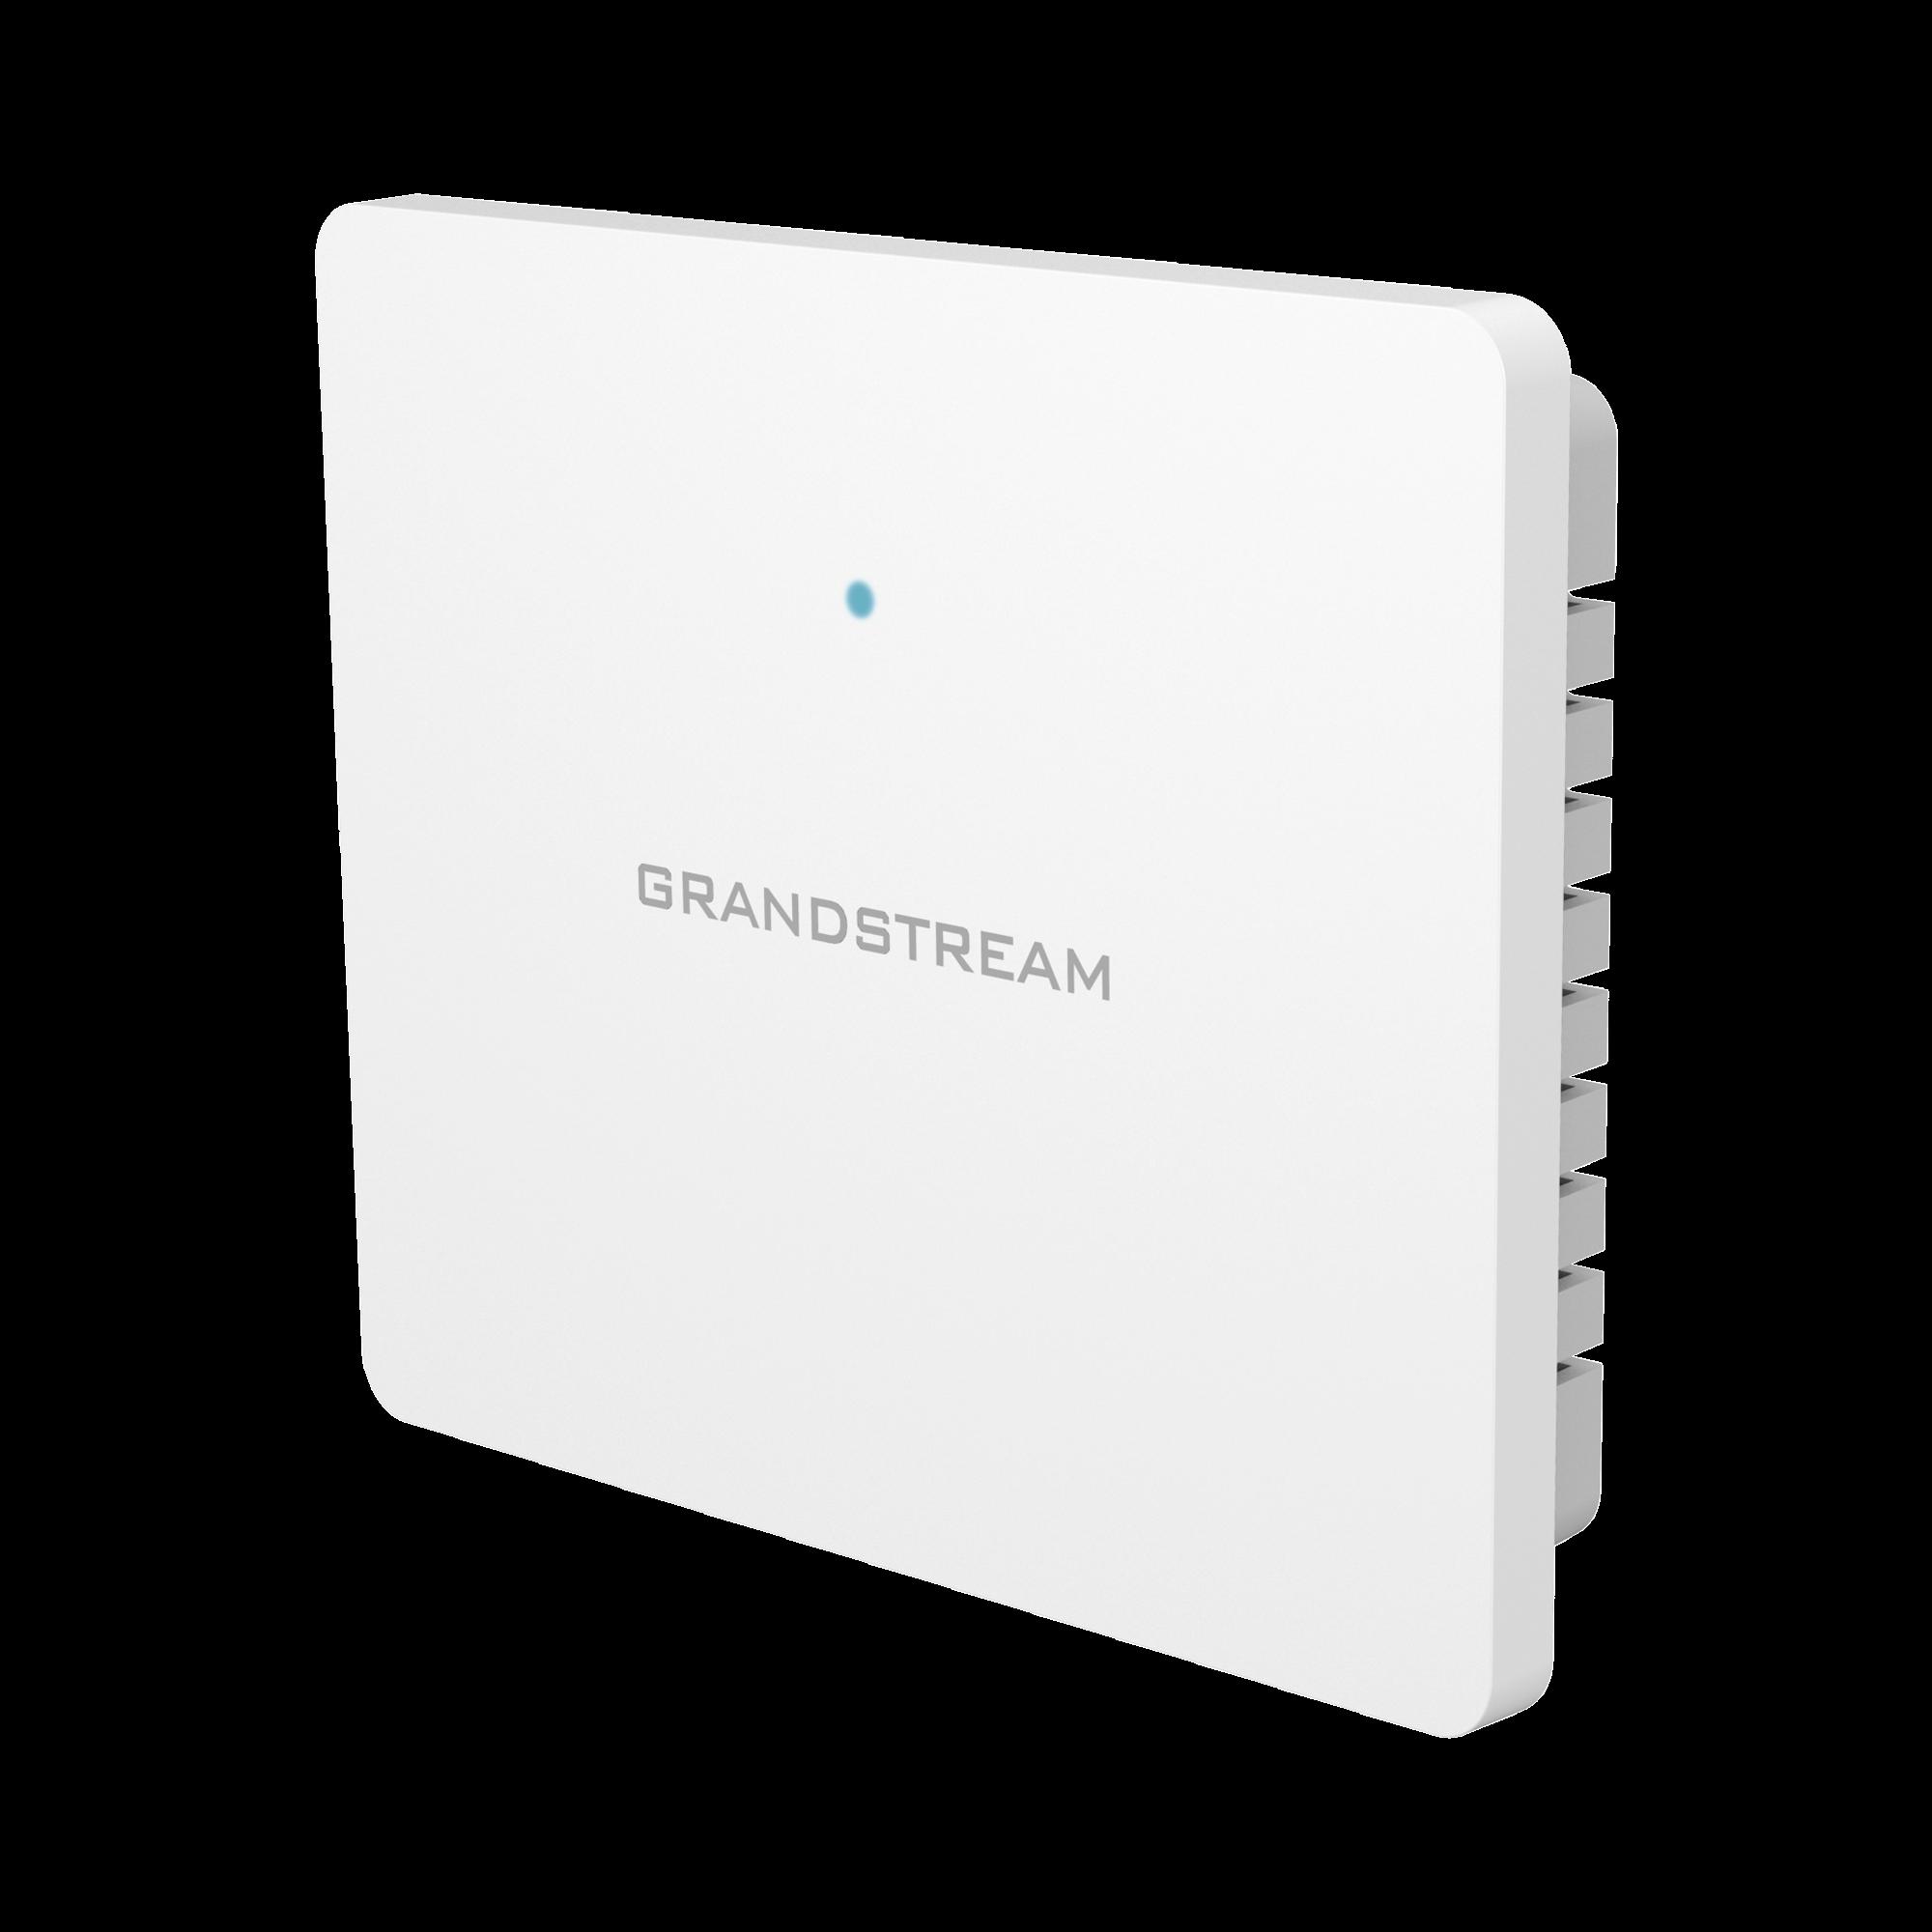 Punto de Acceso Wi-Fi con Switch Ethernet Integrado, configuración desde la nube o stand-alone.